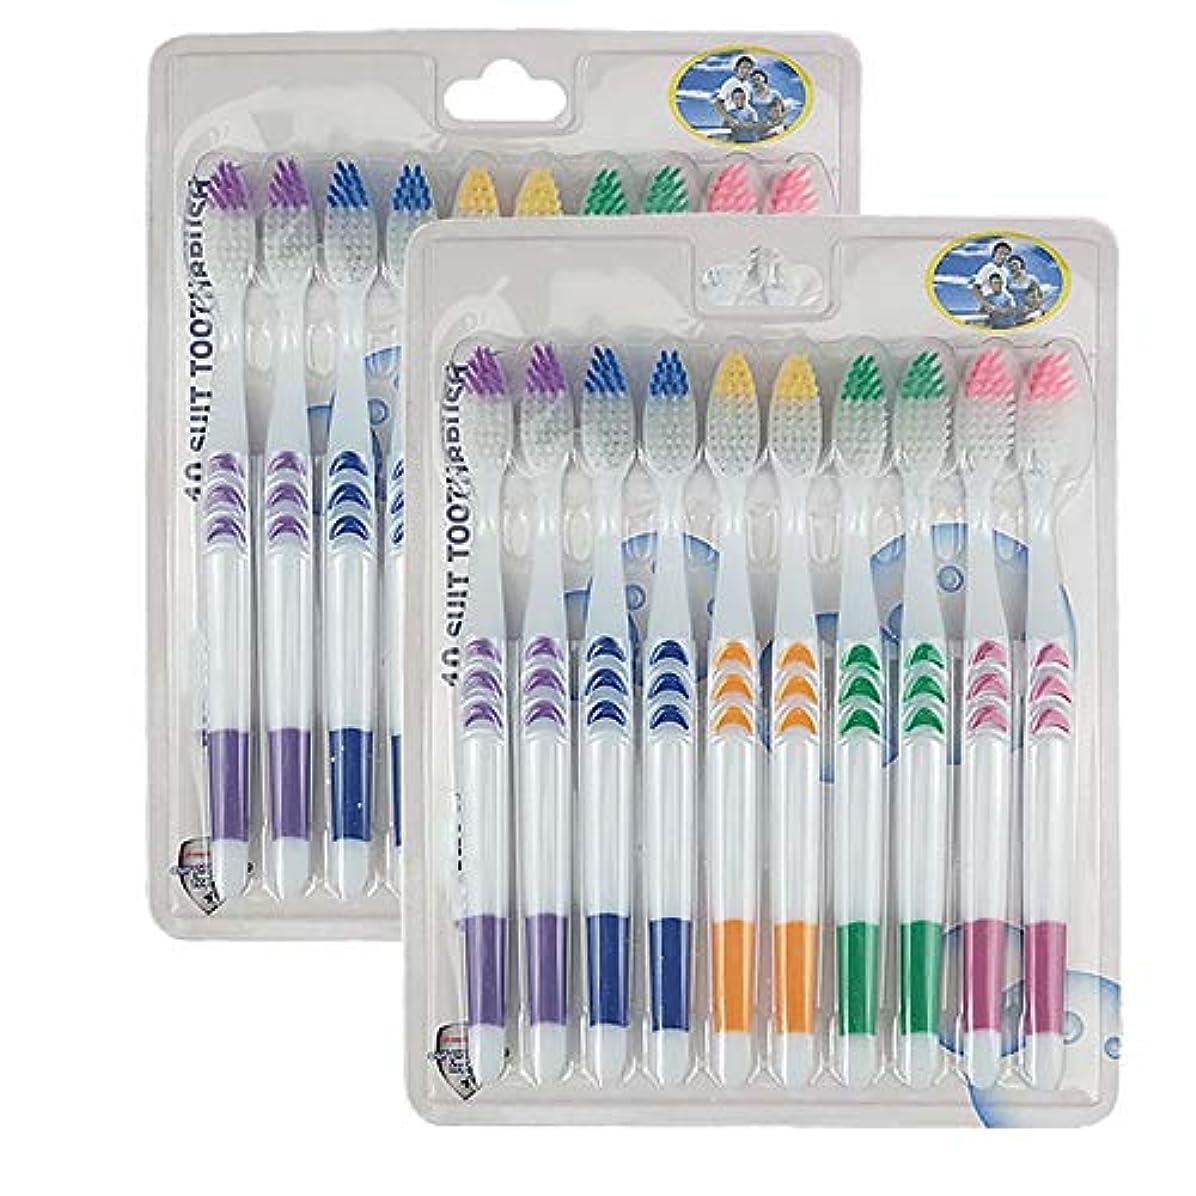 公演血色の良い狂う歯ブラシ 20パック歯ブラシ、竹炭歯ブラシ、大人歯ブラシ、歯茎をマッサージ - 使用可能なスタイルの3種類 HL (色 : A, サイズ : 20 packs)